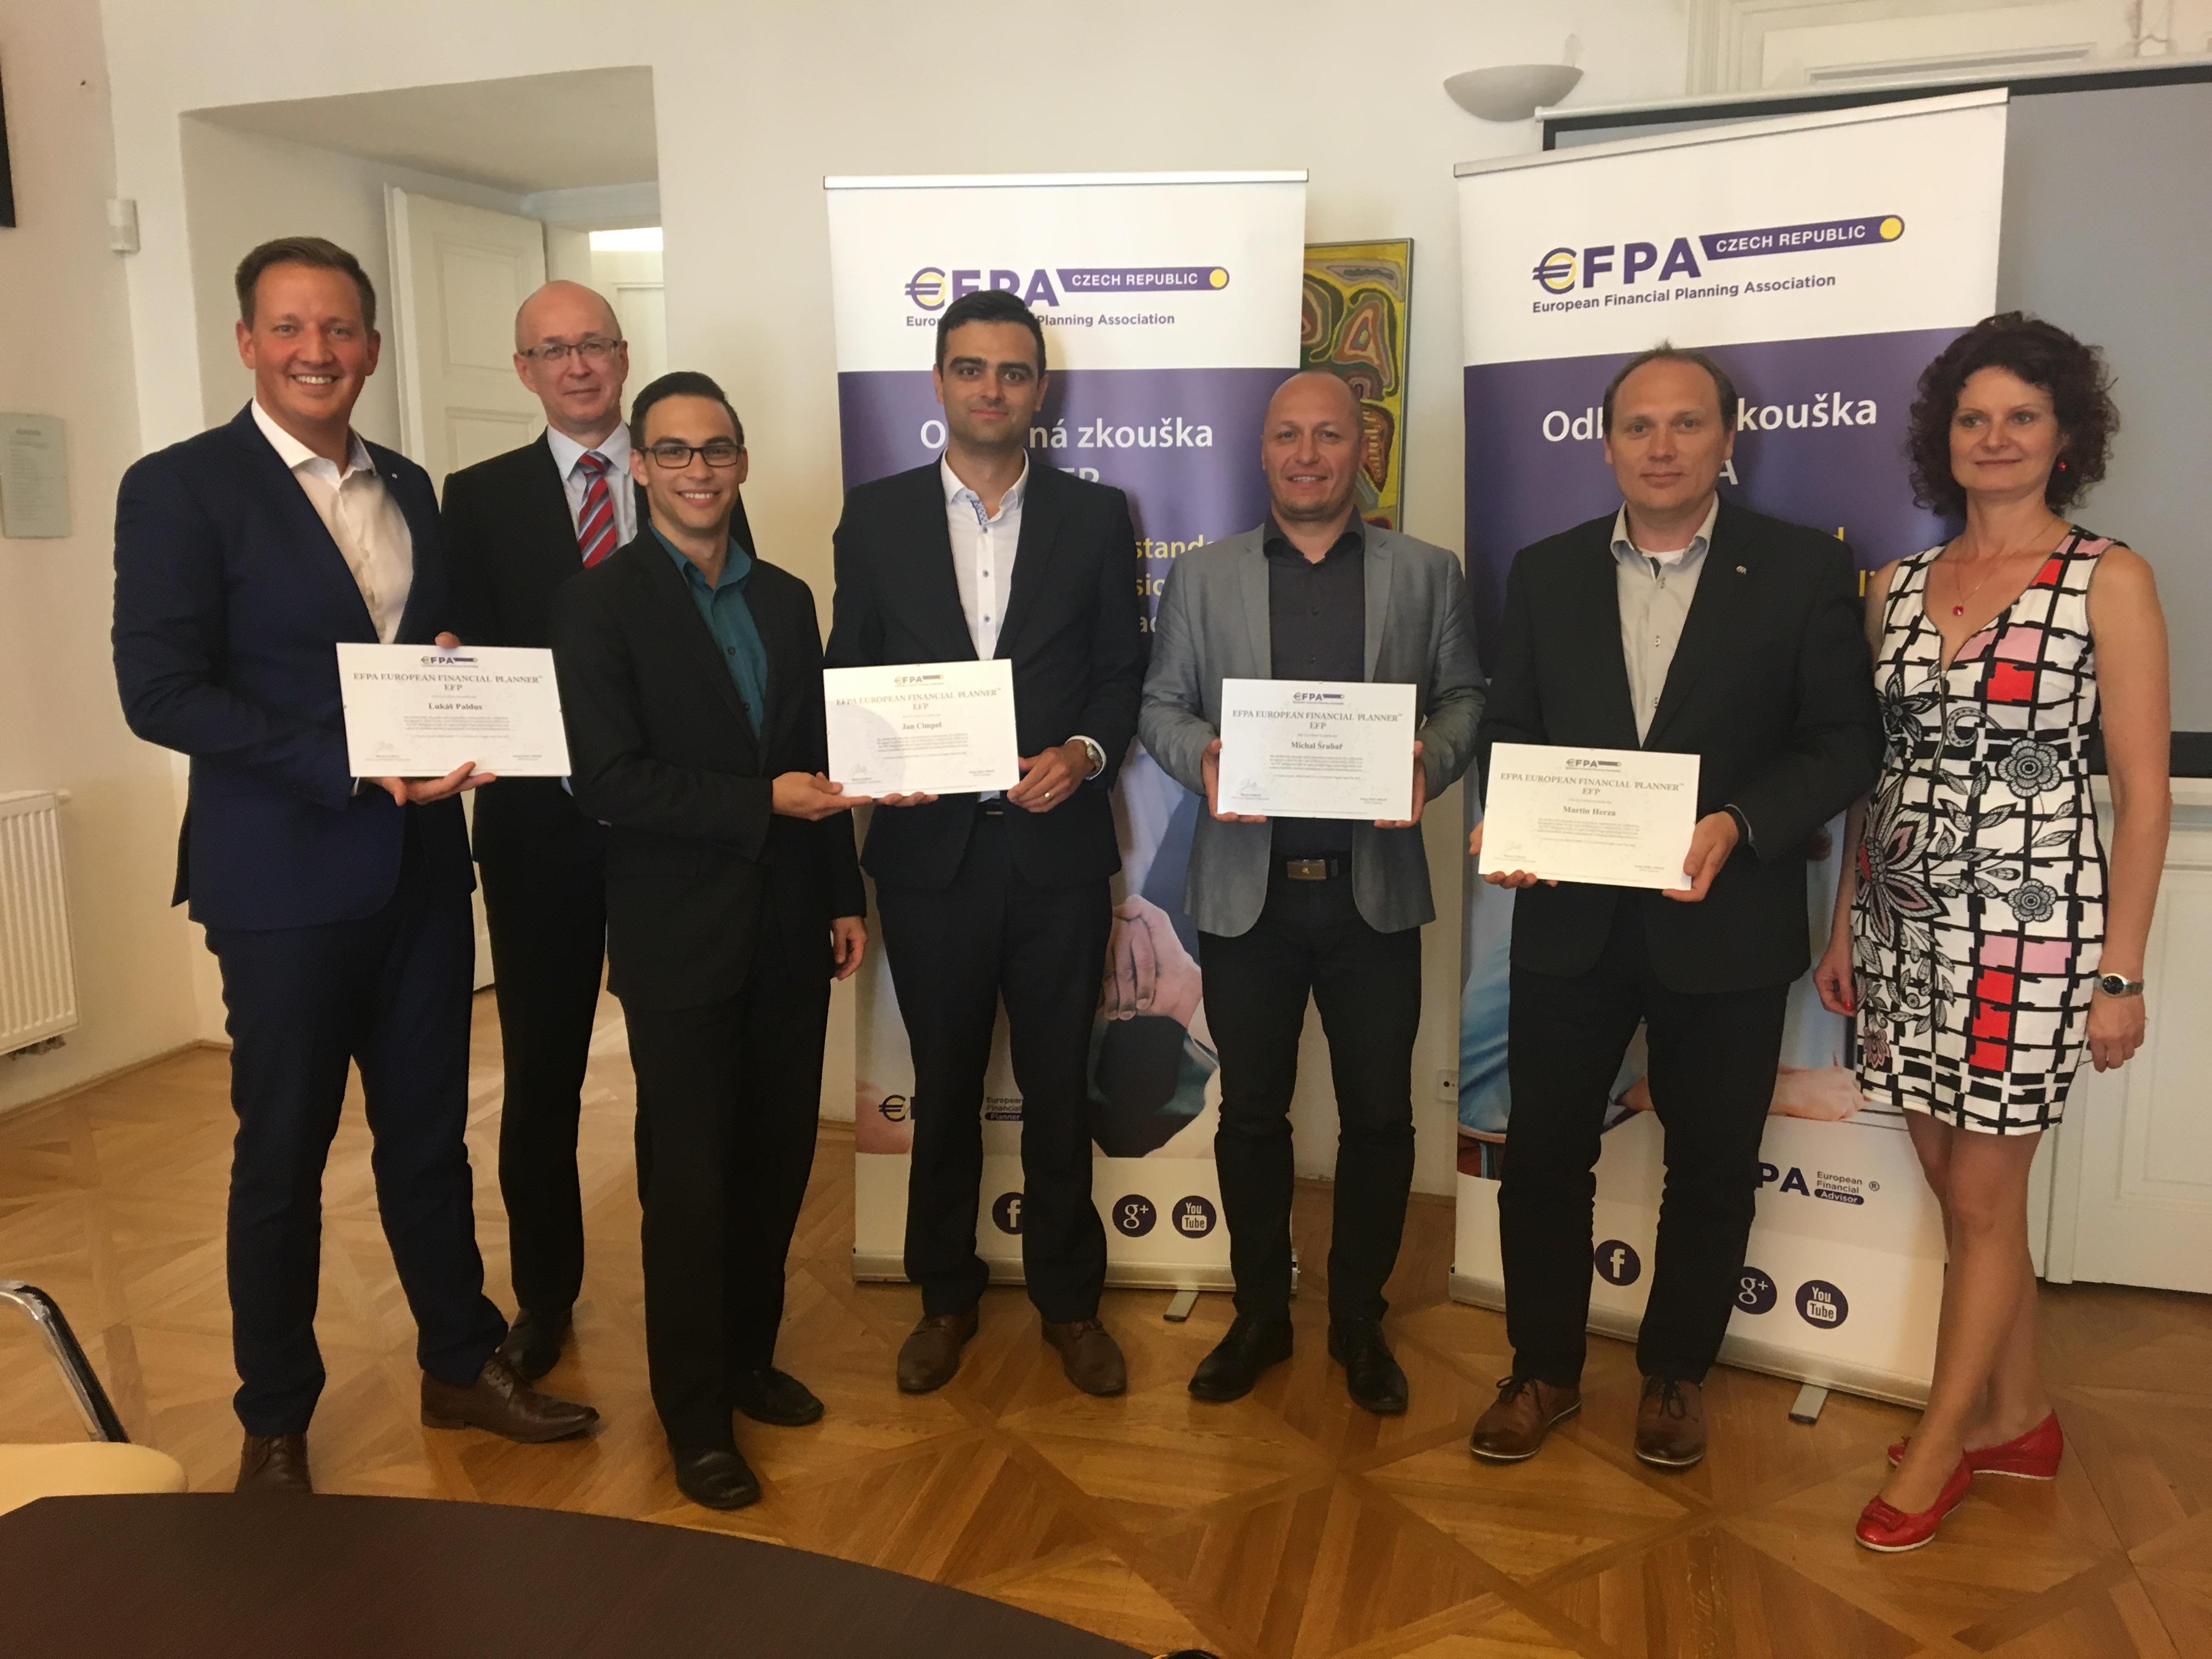 Získali jsme nejvyšší stupeň evropské cerifikace EFP – European Financial Planner